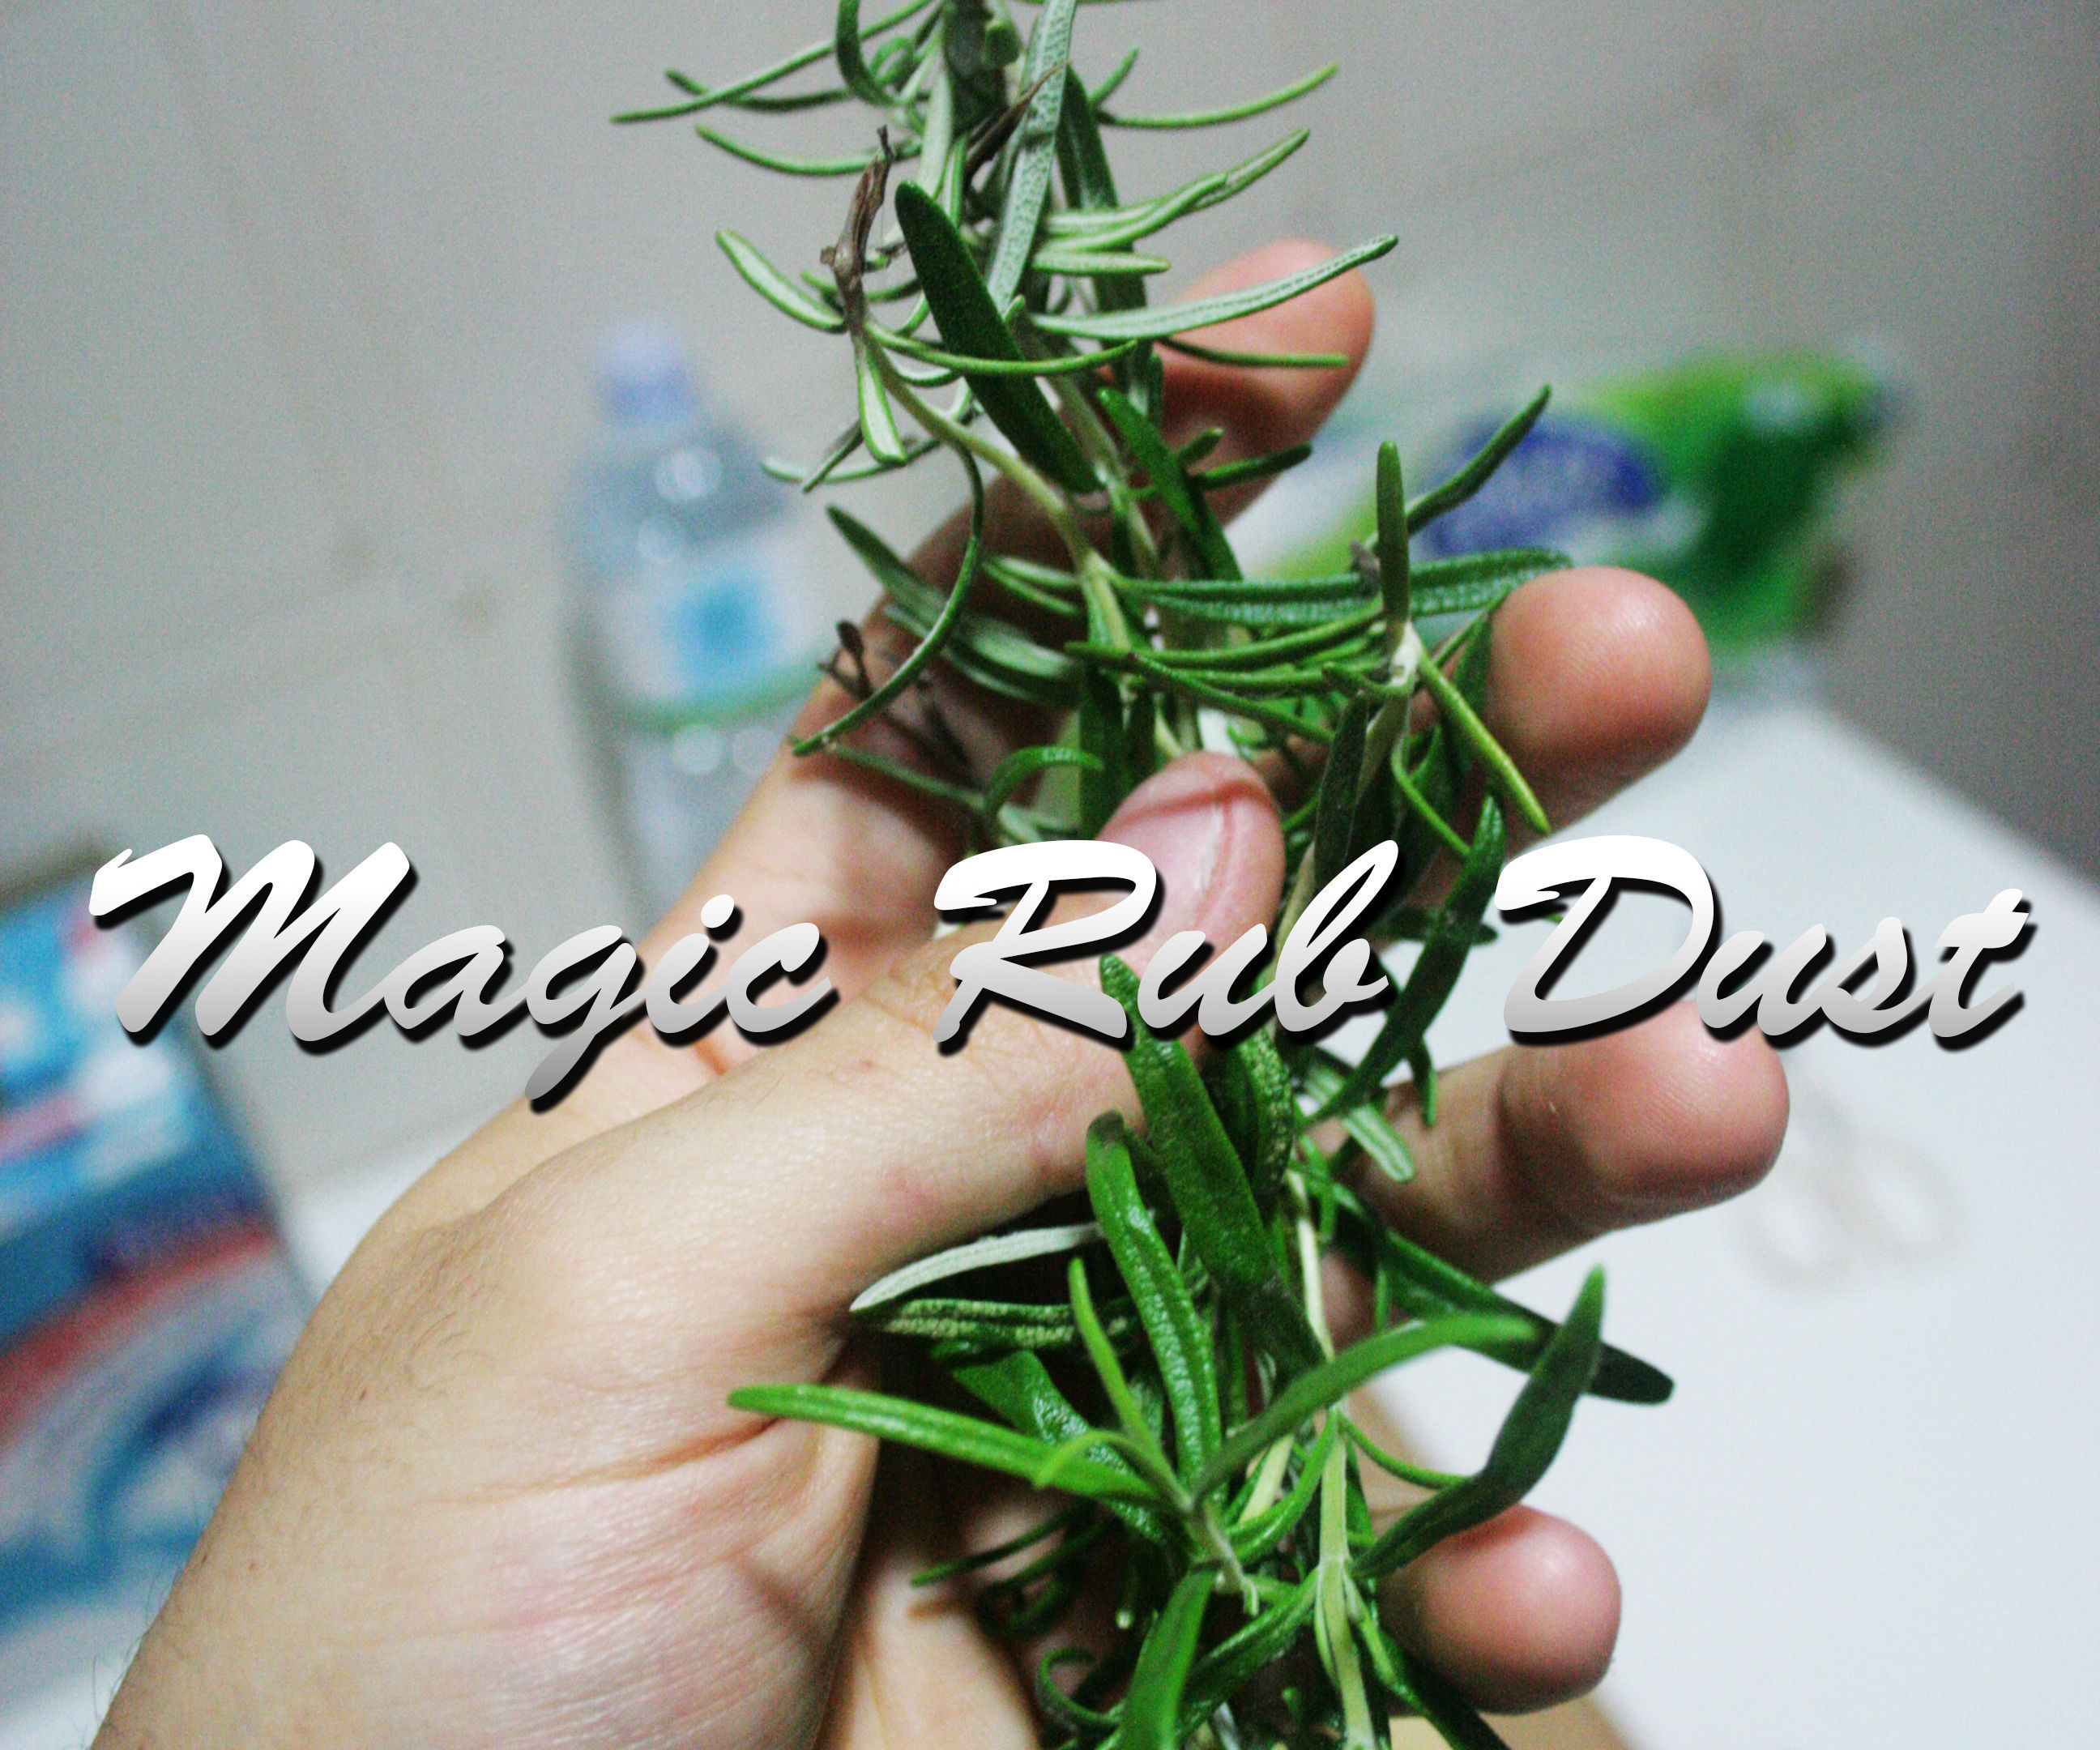 BBQ Magic Rub Dust – Italian Style